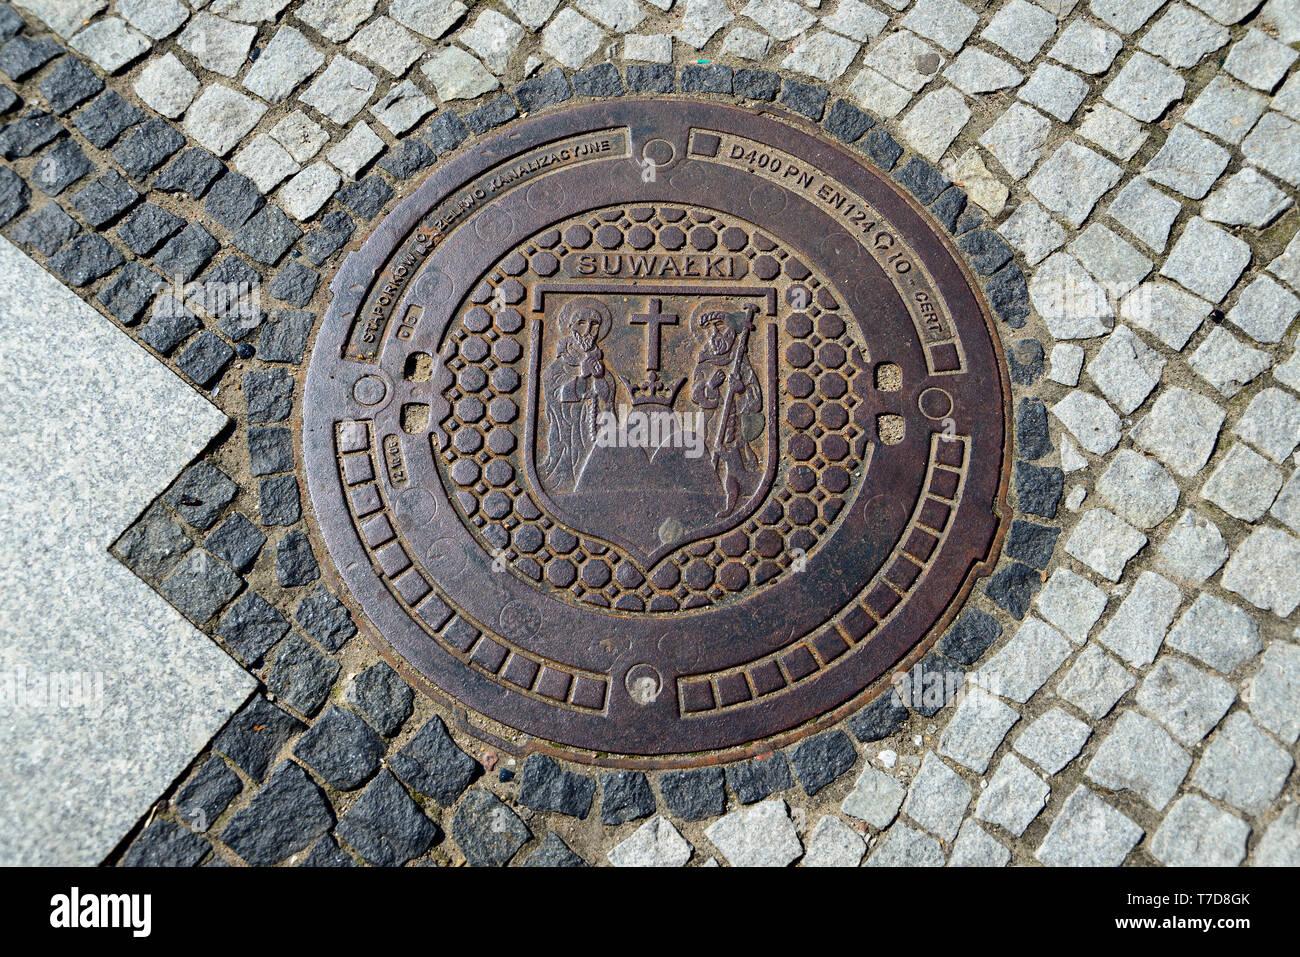 Manhole cover, Suwalki, Podlasie, Poland - Stock Image